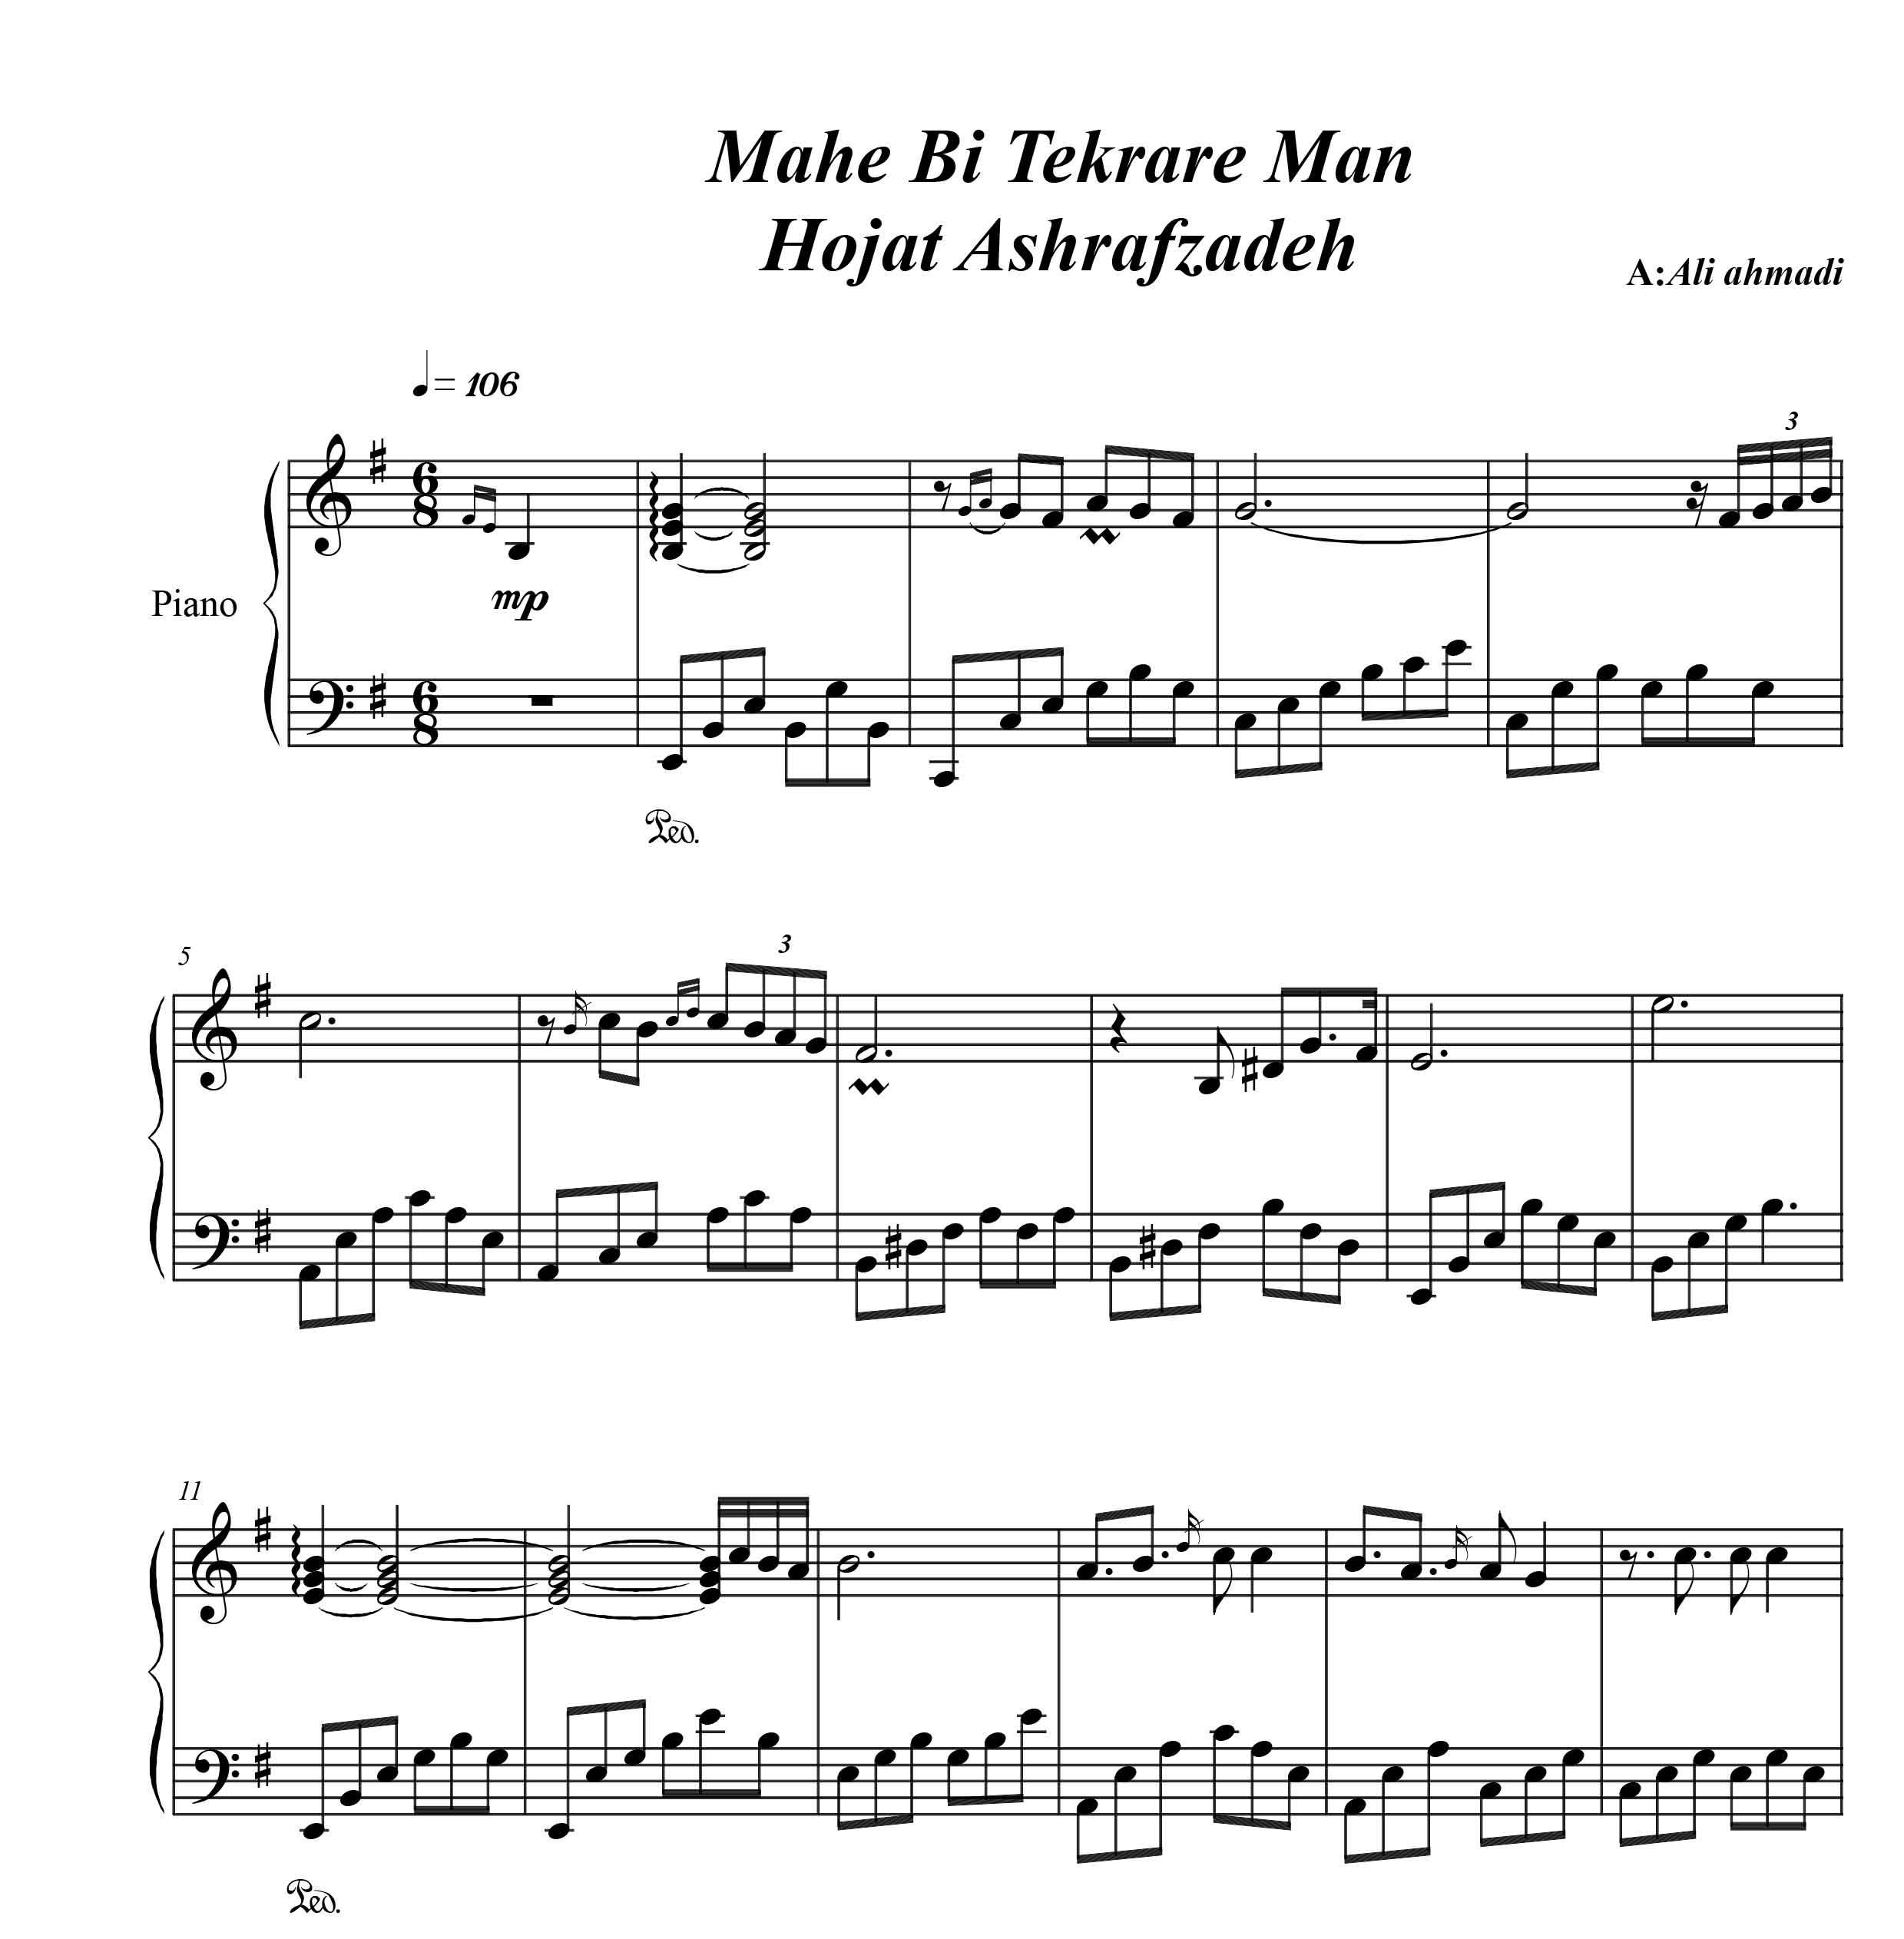 نت پیانو ماه بی تکرار من از حجت اشرف زاده